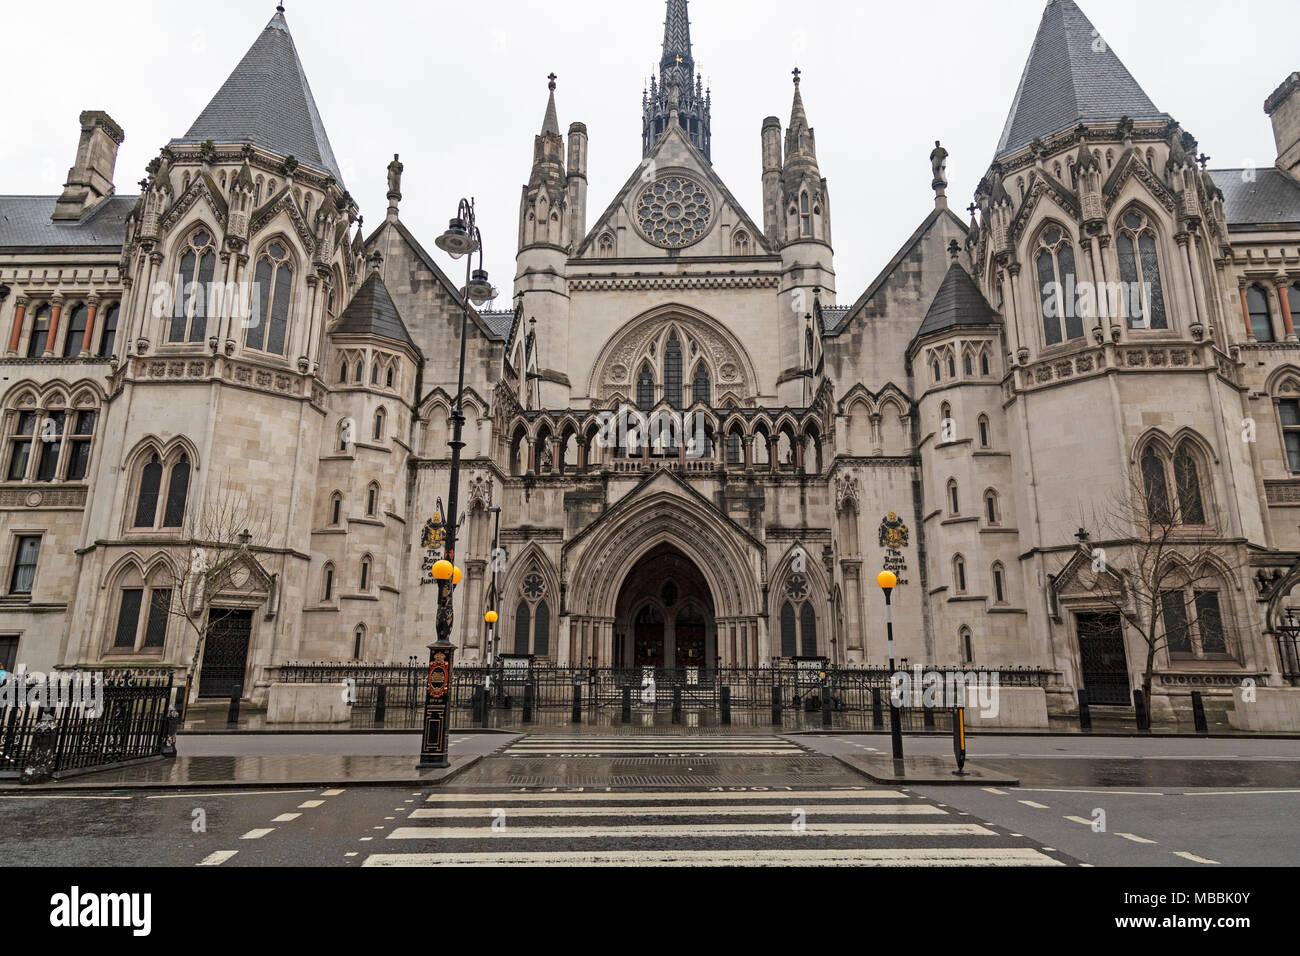 Las Cortes Reales de justicia en Strand en Londres, Inglaterra. Foto de stock